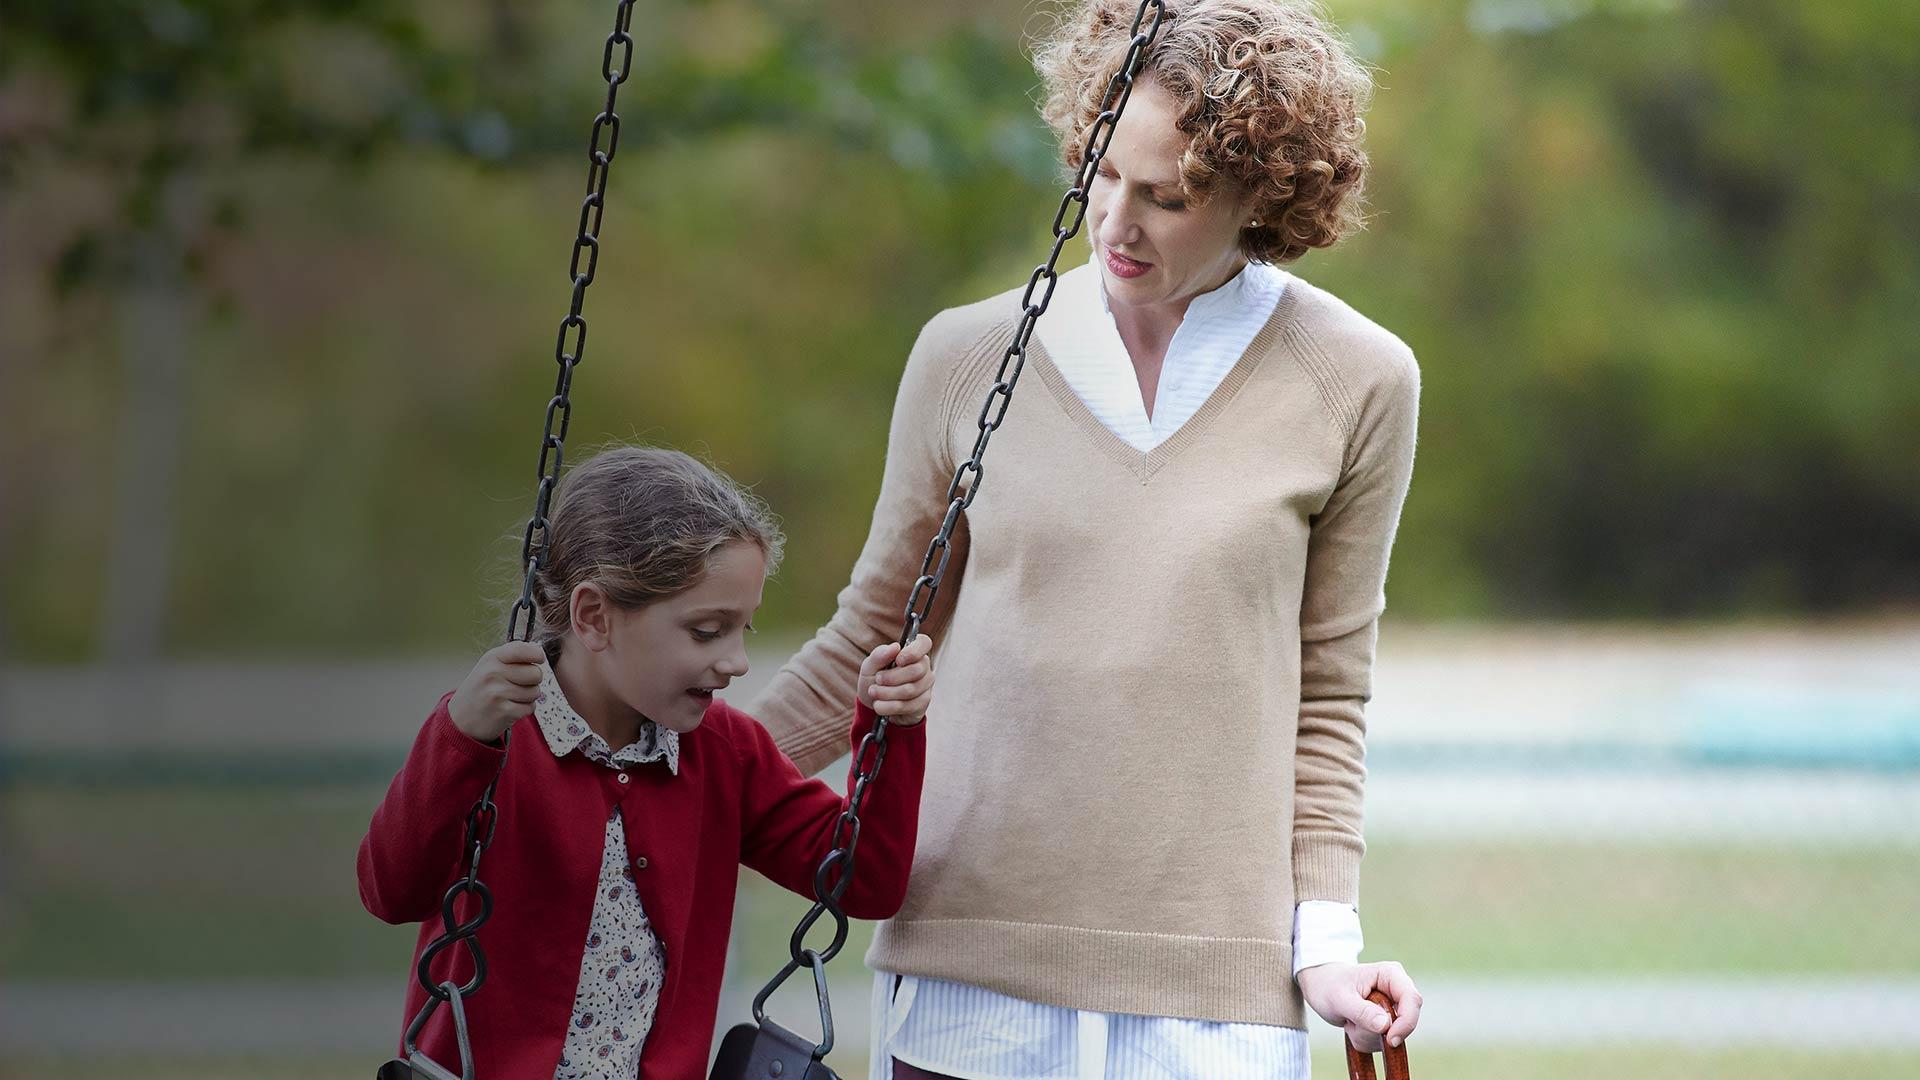 Болестите кои влијаат на мозокот можат да ја променат врската помеѓу мајката и нејзината ќерка